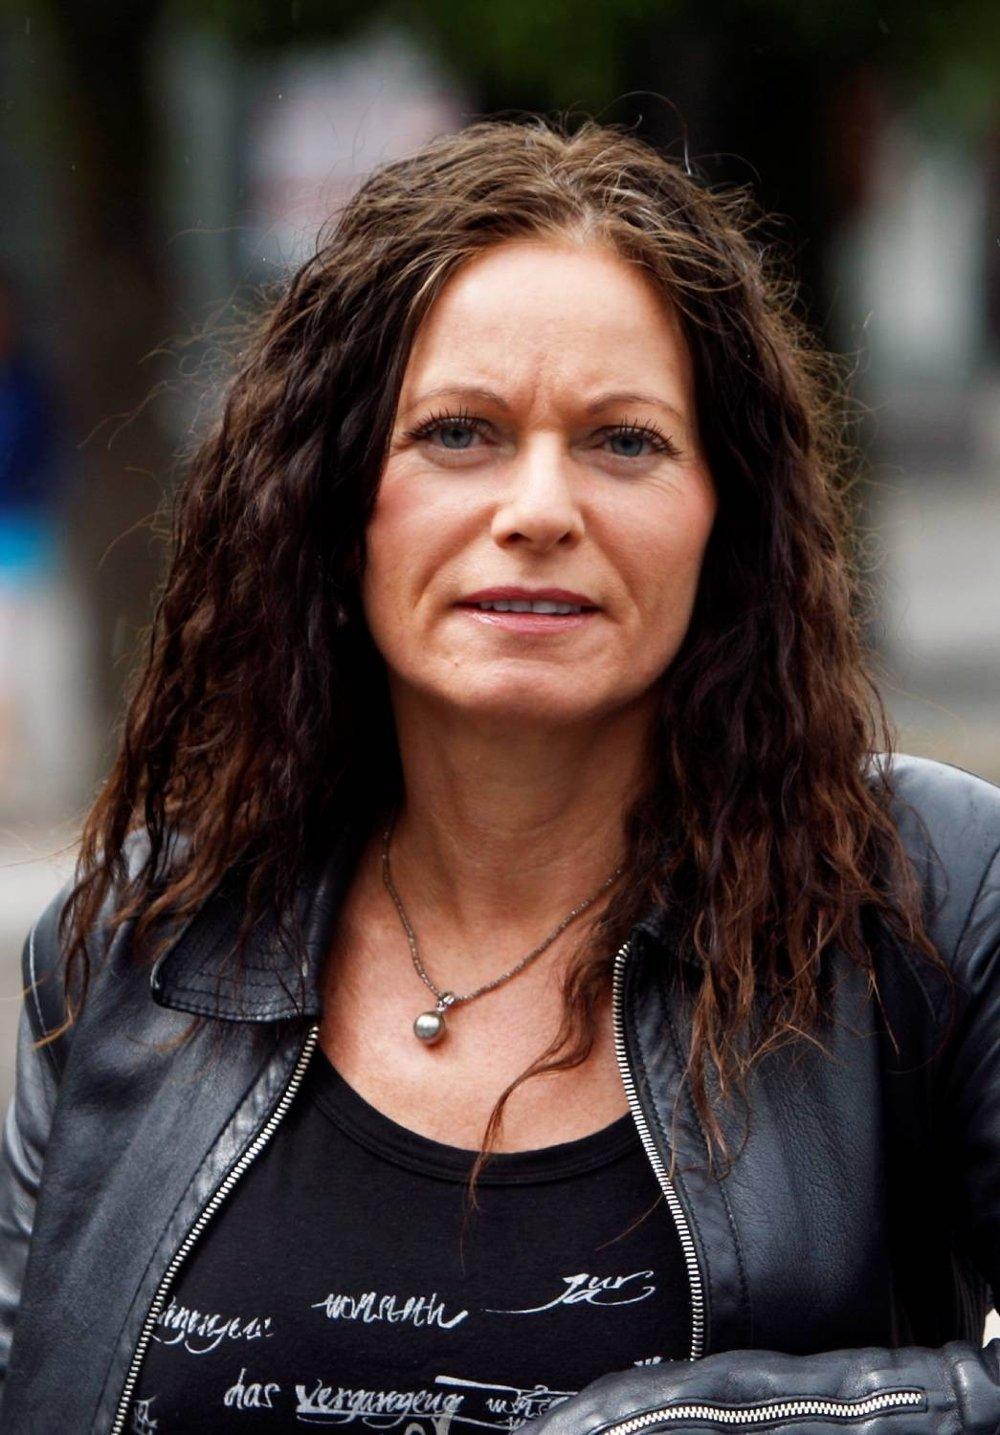 Klikk på bildet for å forstørre. Kari Lossius, klinikkdirektør ved Stiftelsen Bergensklinikkene.